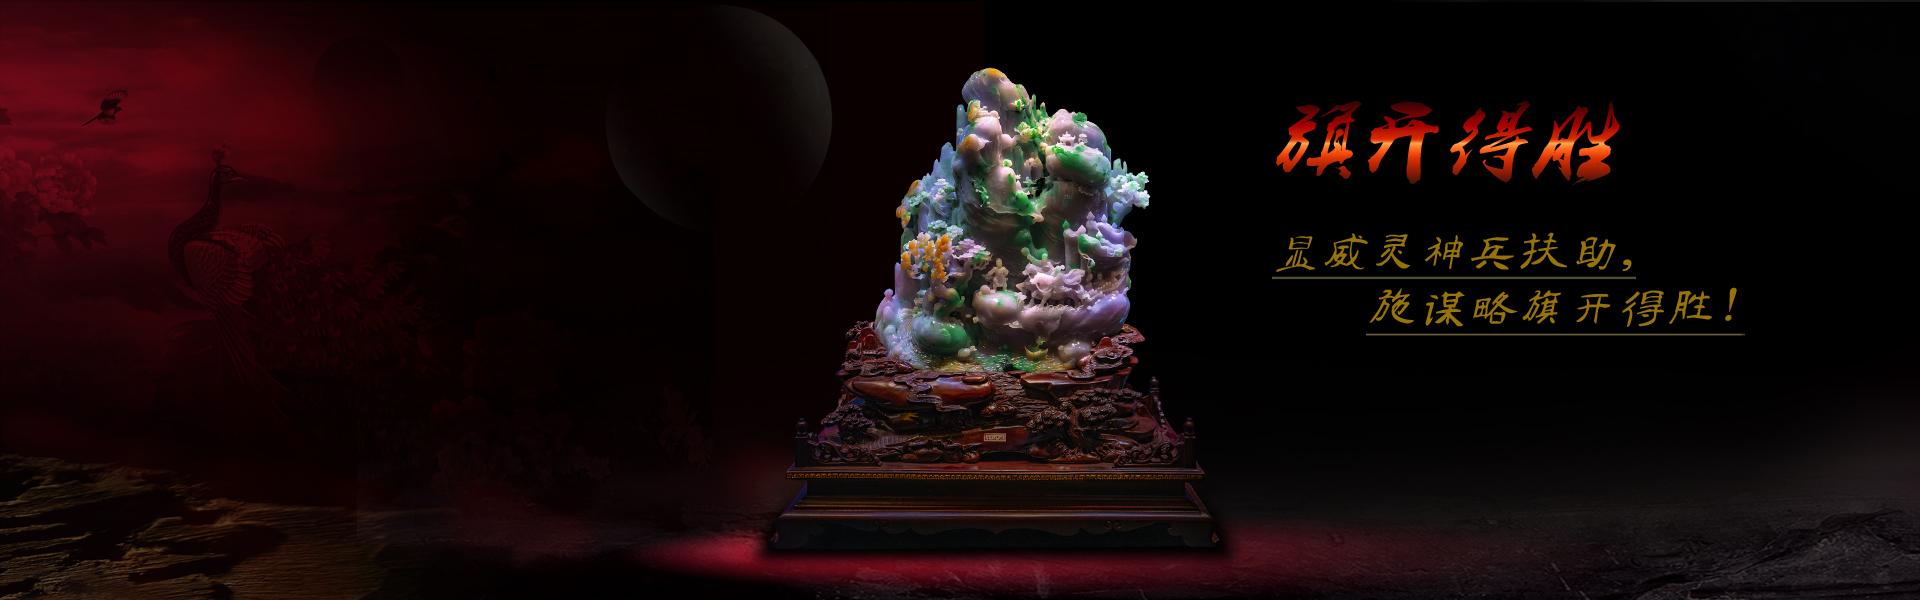 四会市玉言九鼎珠宝有限公司主要产品有玉器摆件、翡翠玉器加工、翡翠雕刻、翡翠白菜,联系方式18666795959,欢迎您的到來!